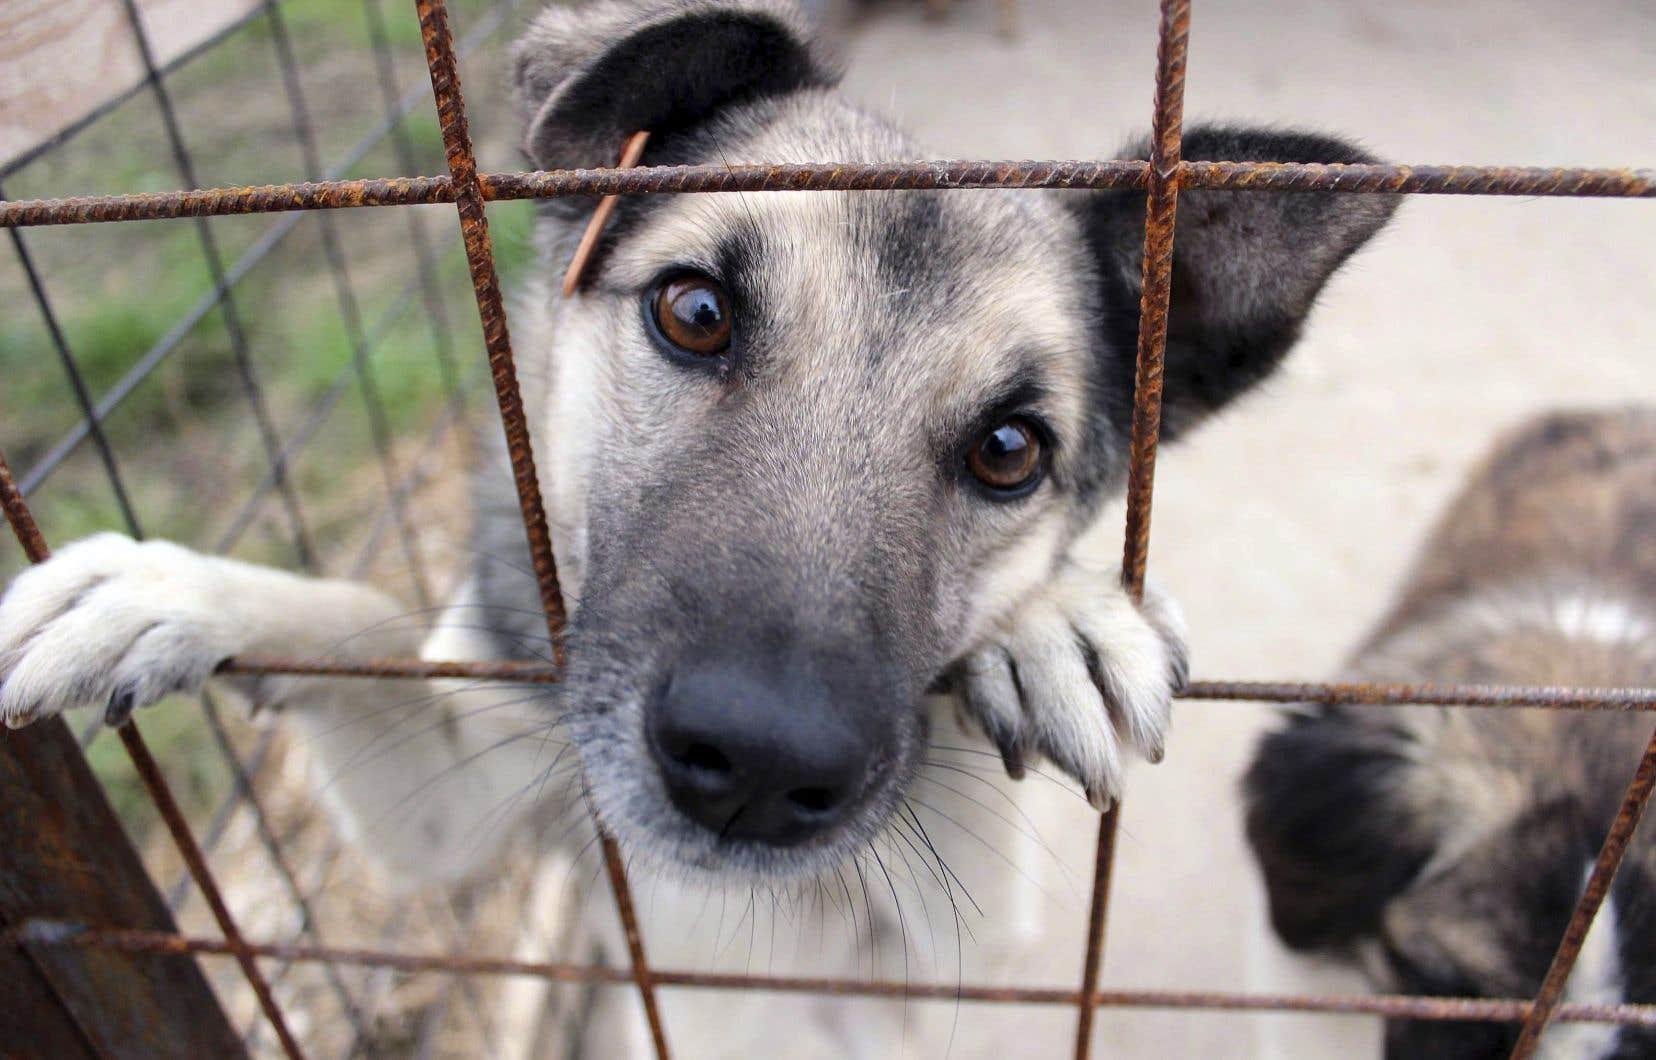 Le règlement de la Ville de Montréal oblige les propriétaires d'animaleries à s'approvisionner dans des refuges ou des cliniques vétérinaires.